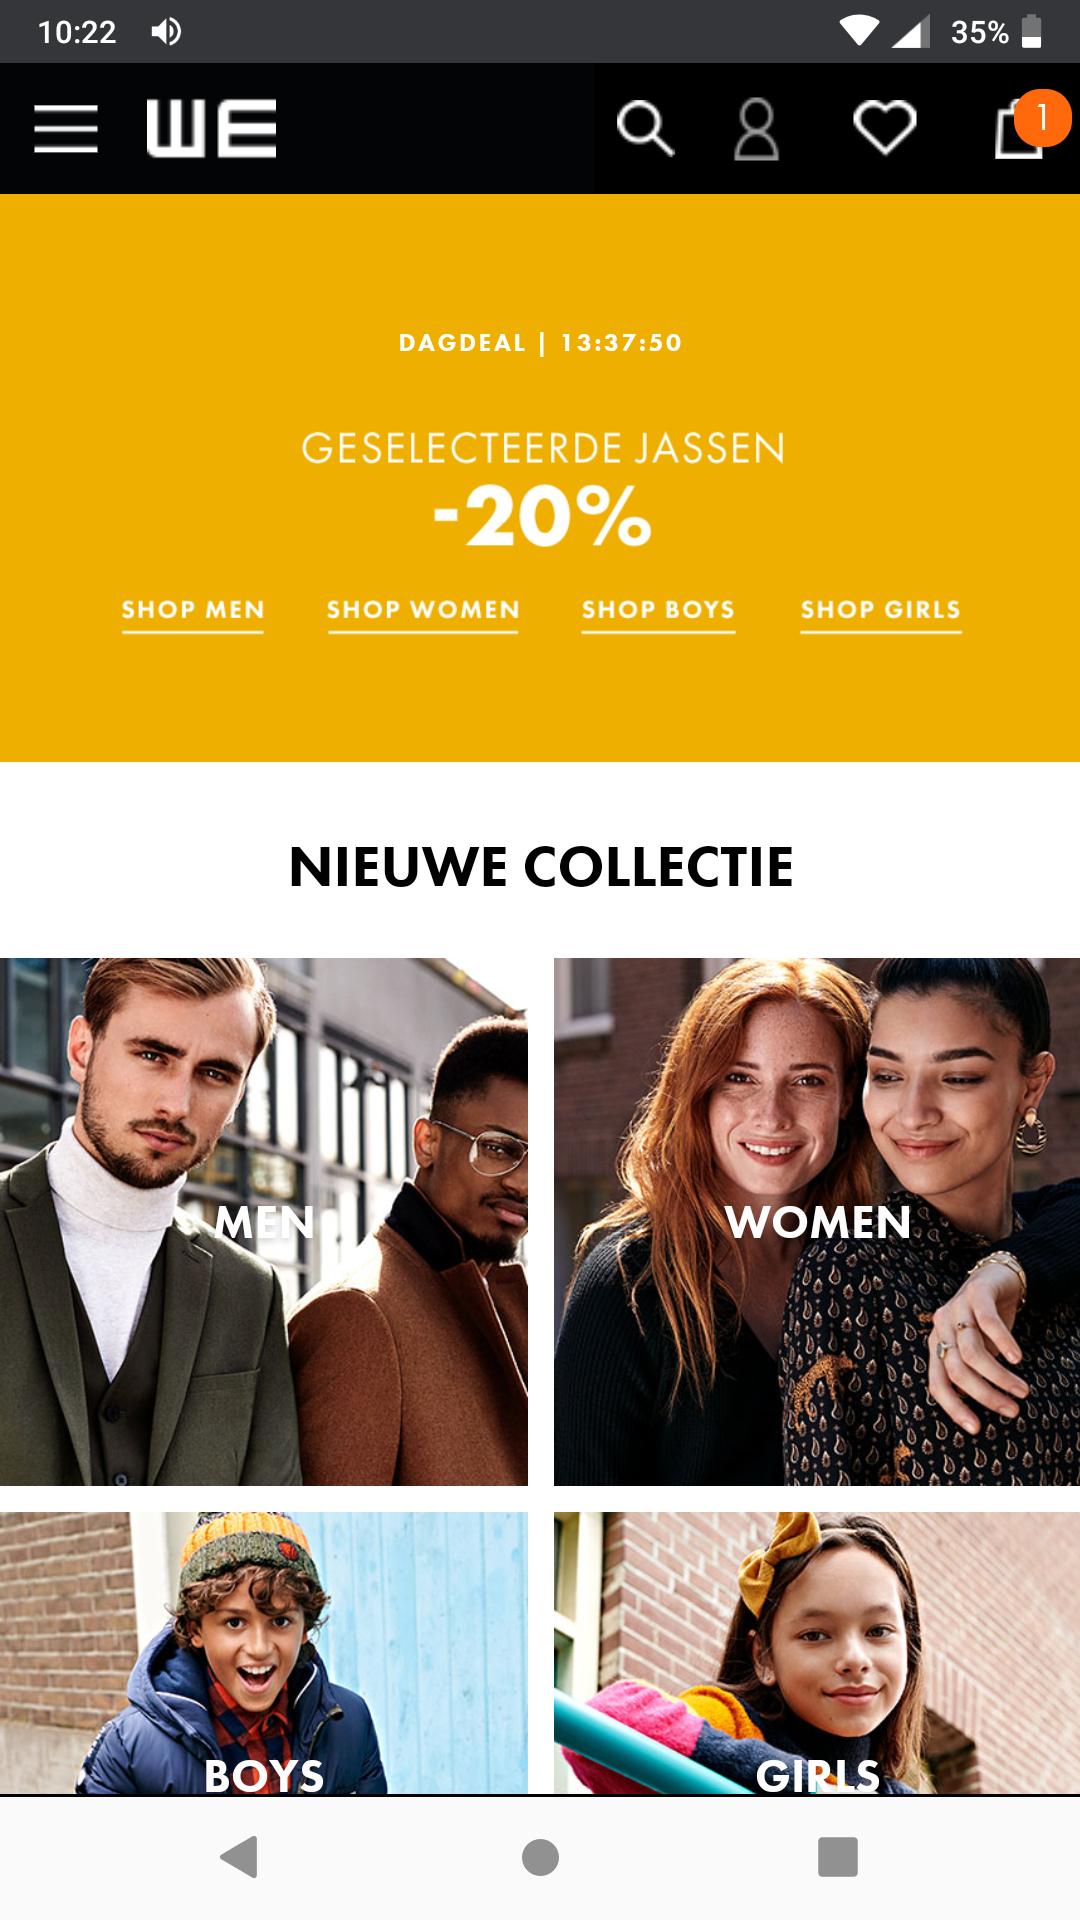 Dagdeal: 20% korting op bepaalde jassen bij We Fashion, heren-, dames- en kinderjassen